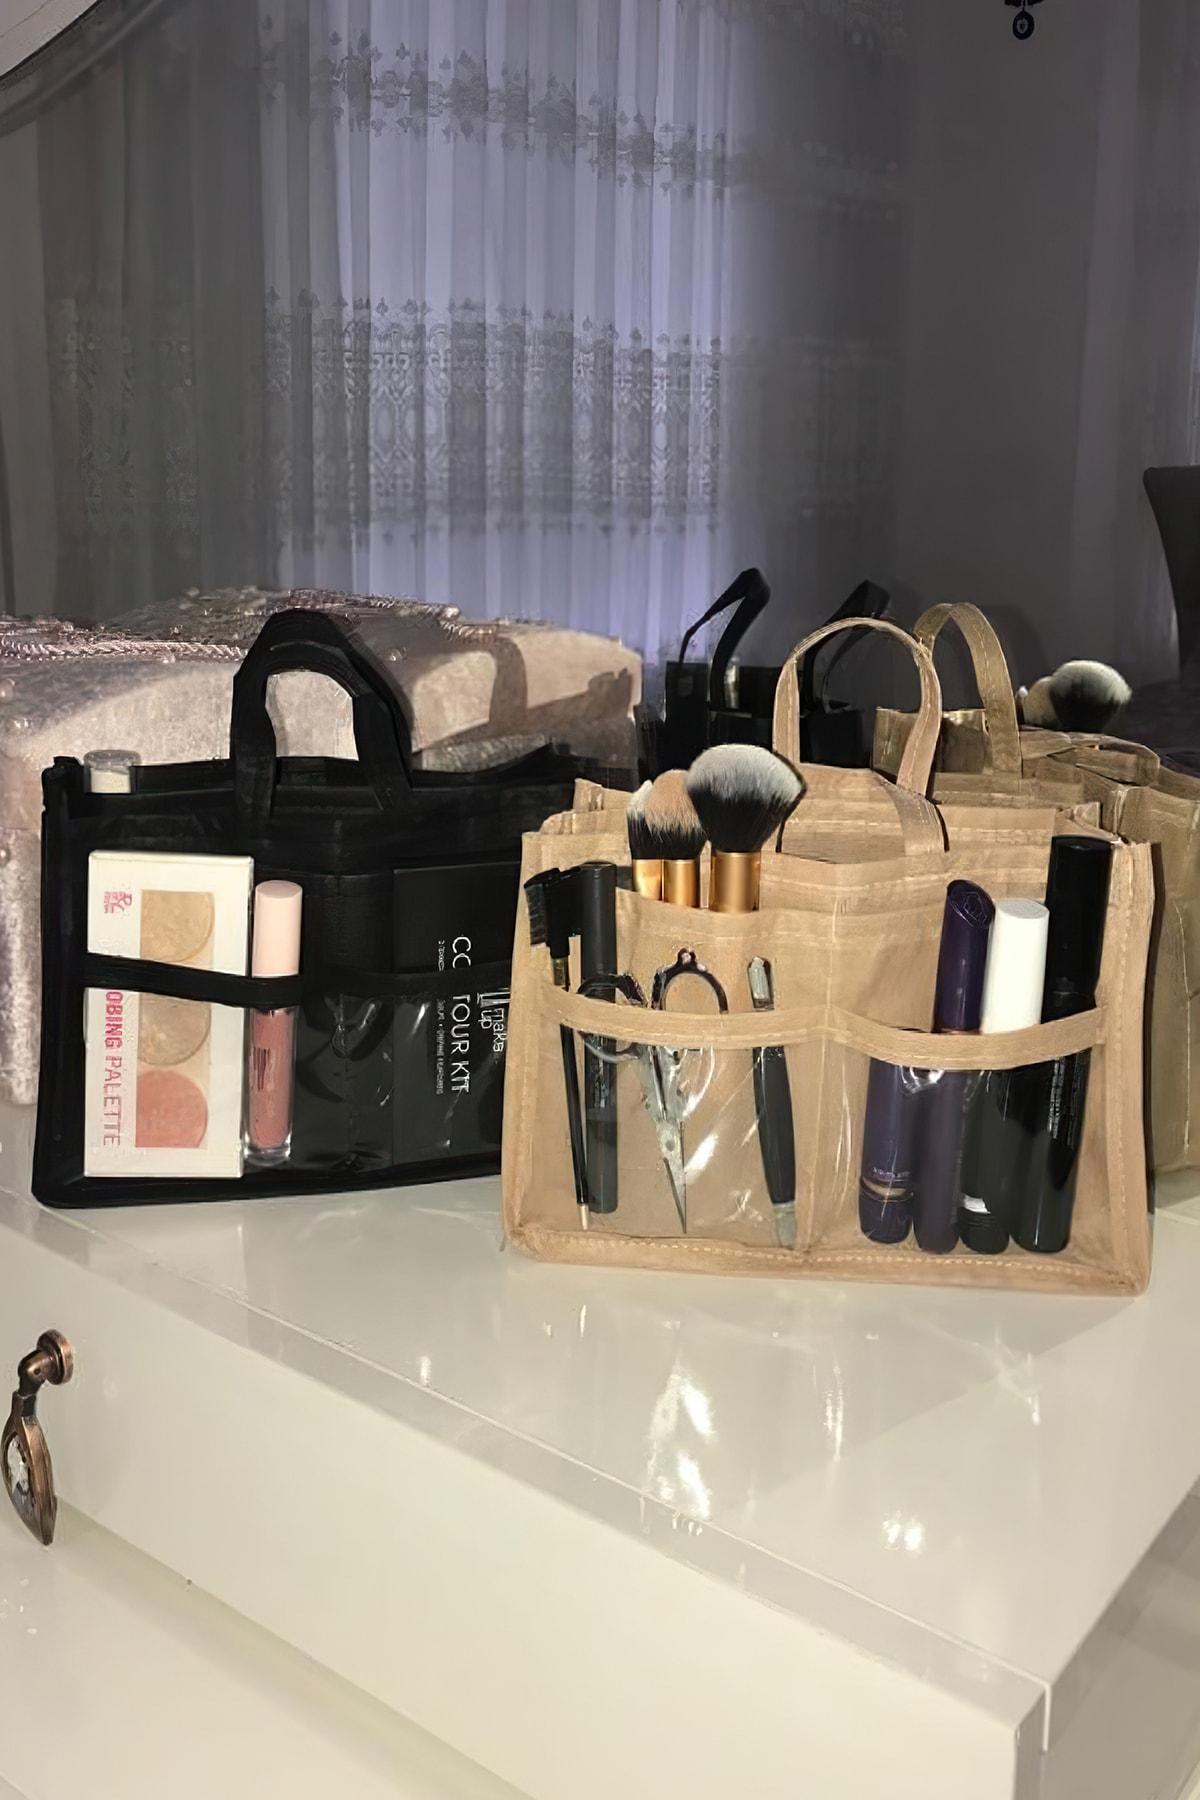 MİA Home Production Makyaj Ve Çok Amaçlı Siyah Çanta Içi Düzenleyeyici  Organizer 2